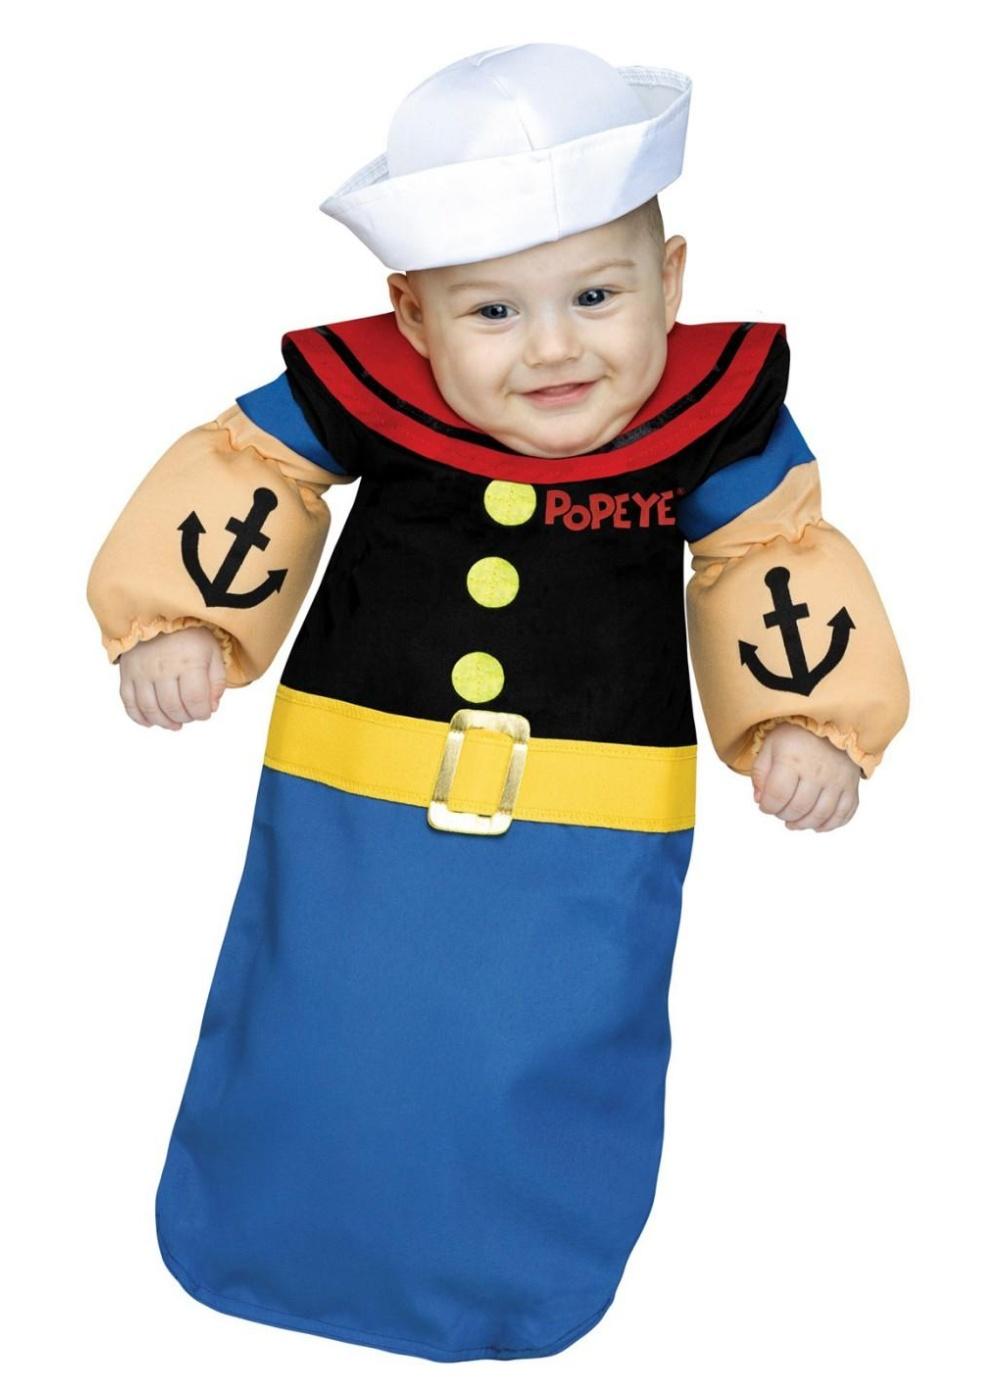 Popeye Baby Boy Bunting  sc 1 st  Wonder Costumes & Popeye Baby Boy Bunting - TV Show Costumes